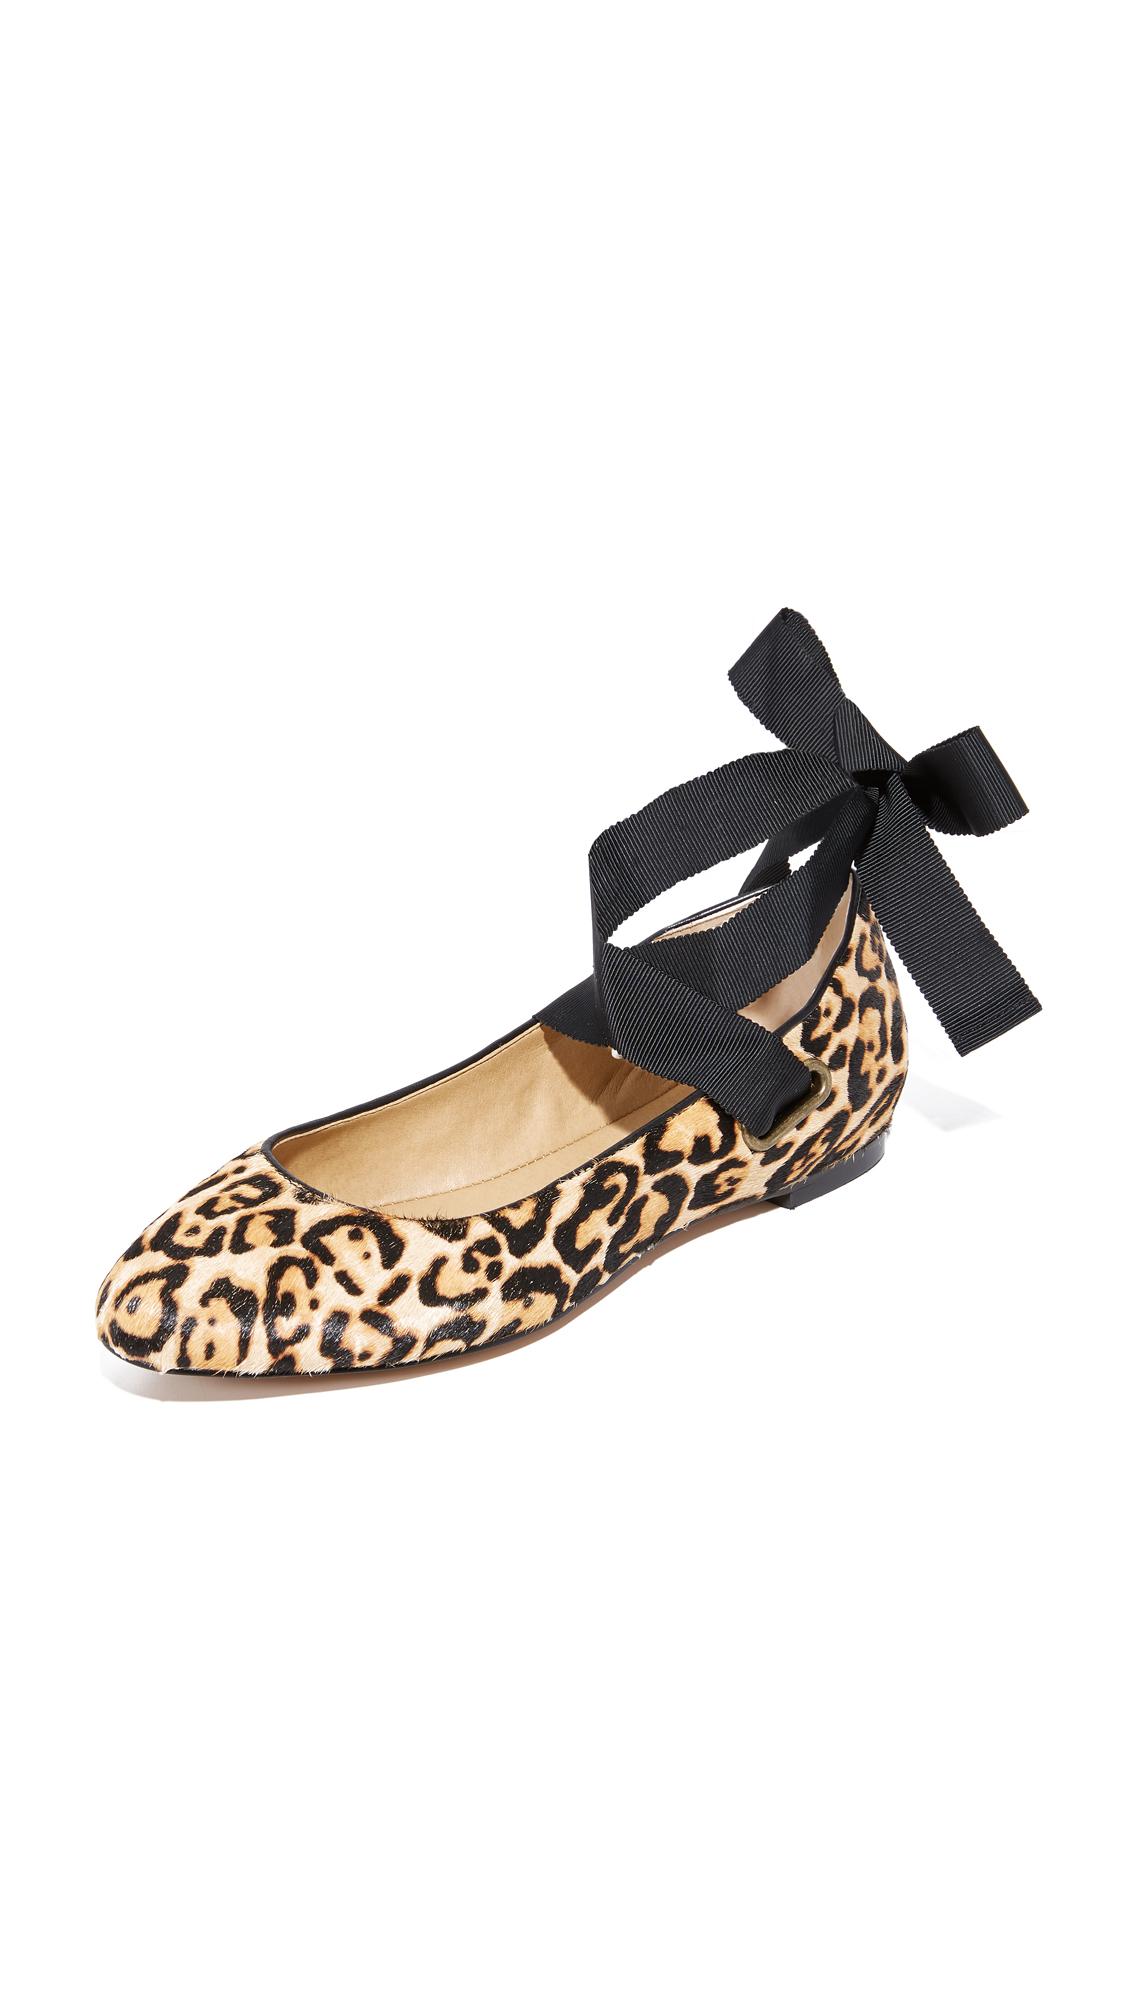 Splendid Renee II Wrap Ballet Flats - Leopard